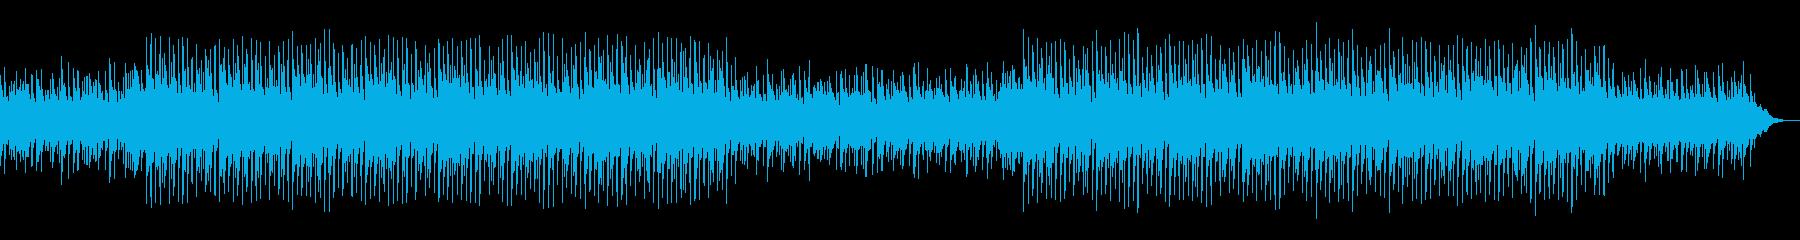 コーポレートミュージック5の再生済みの波形